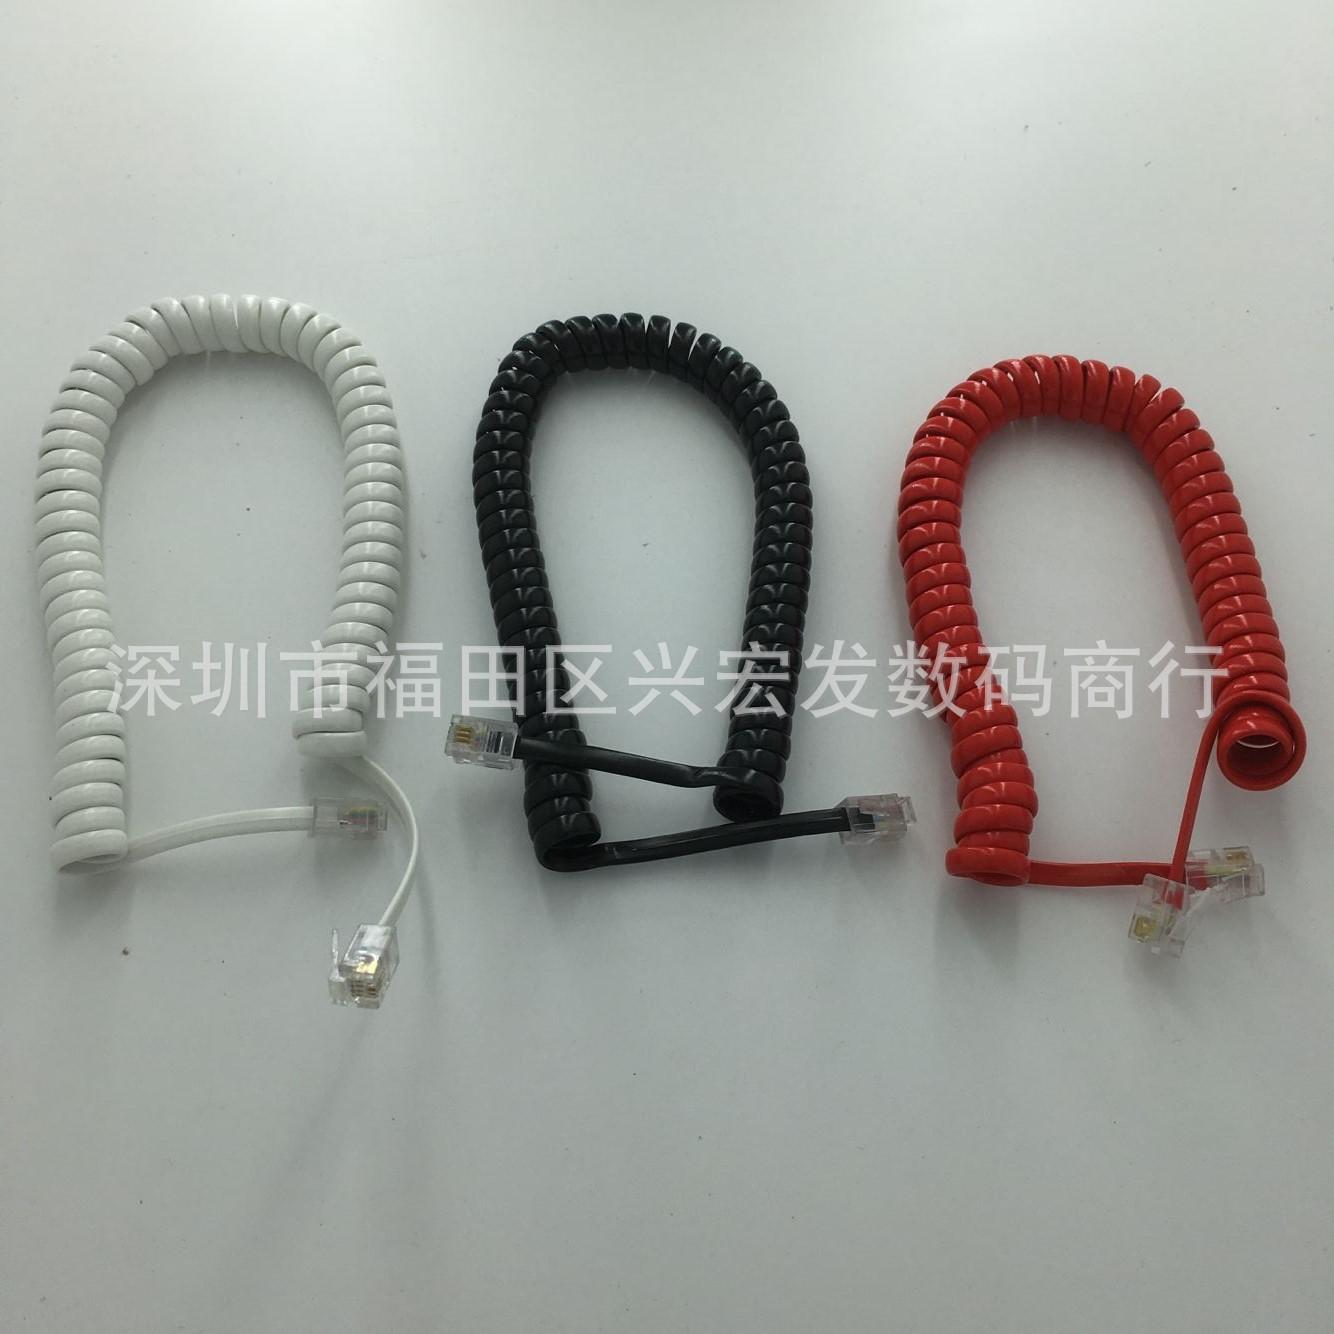 热卖4芯电话曲线/话机听筒线 4P4C电话曲线 电话话柄线 手柄线